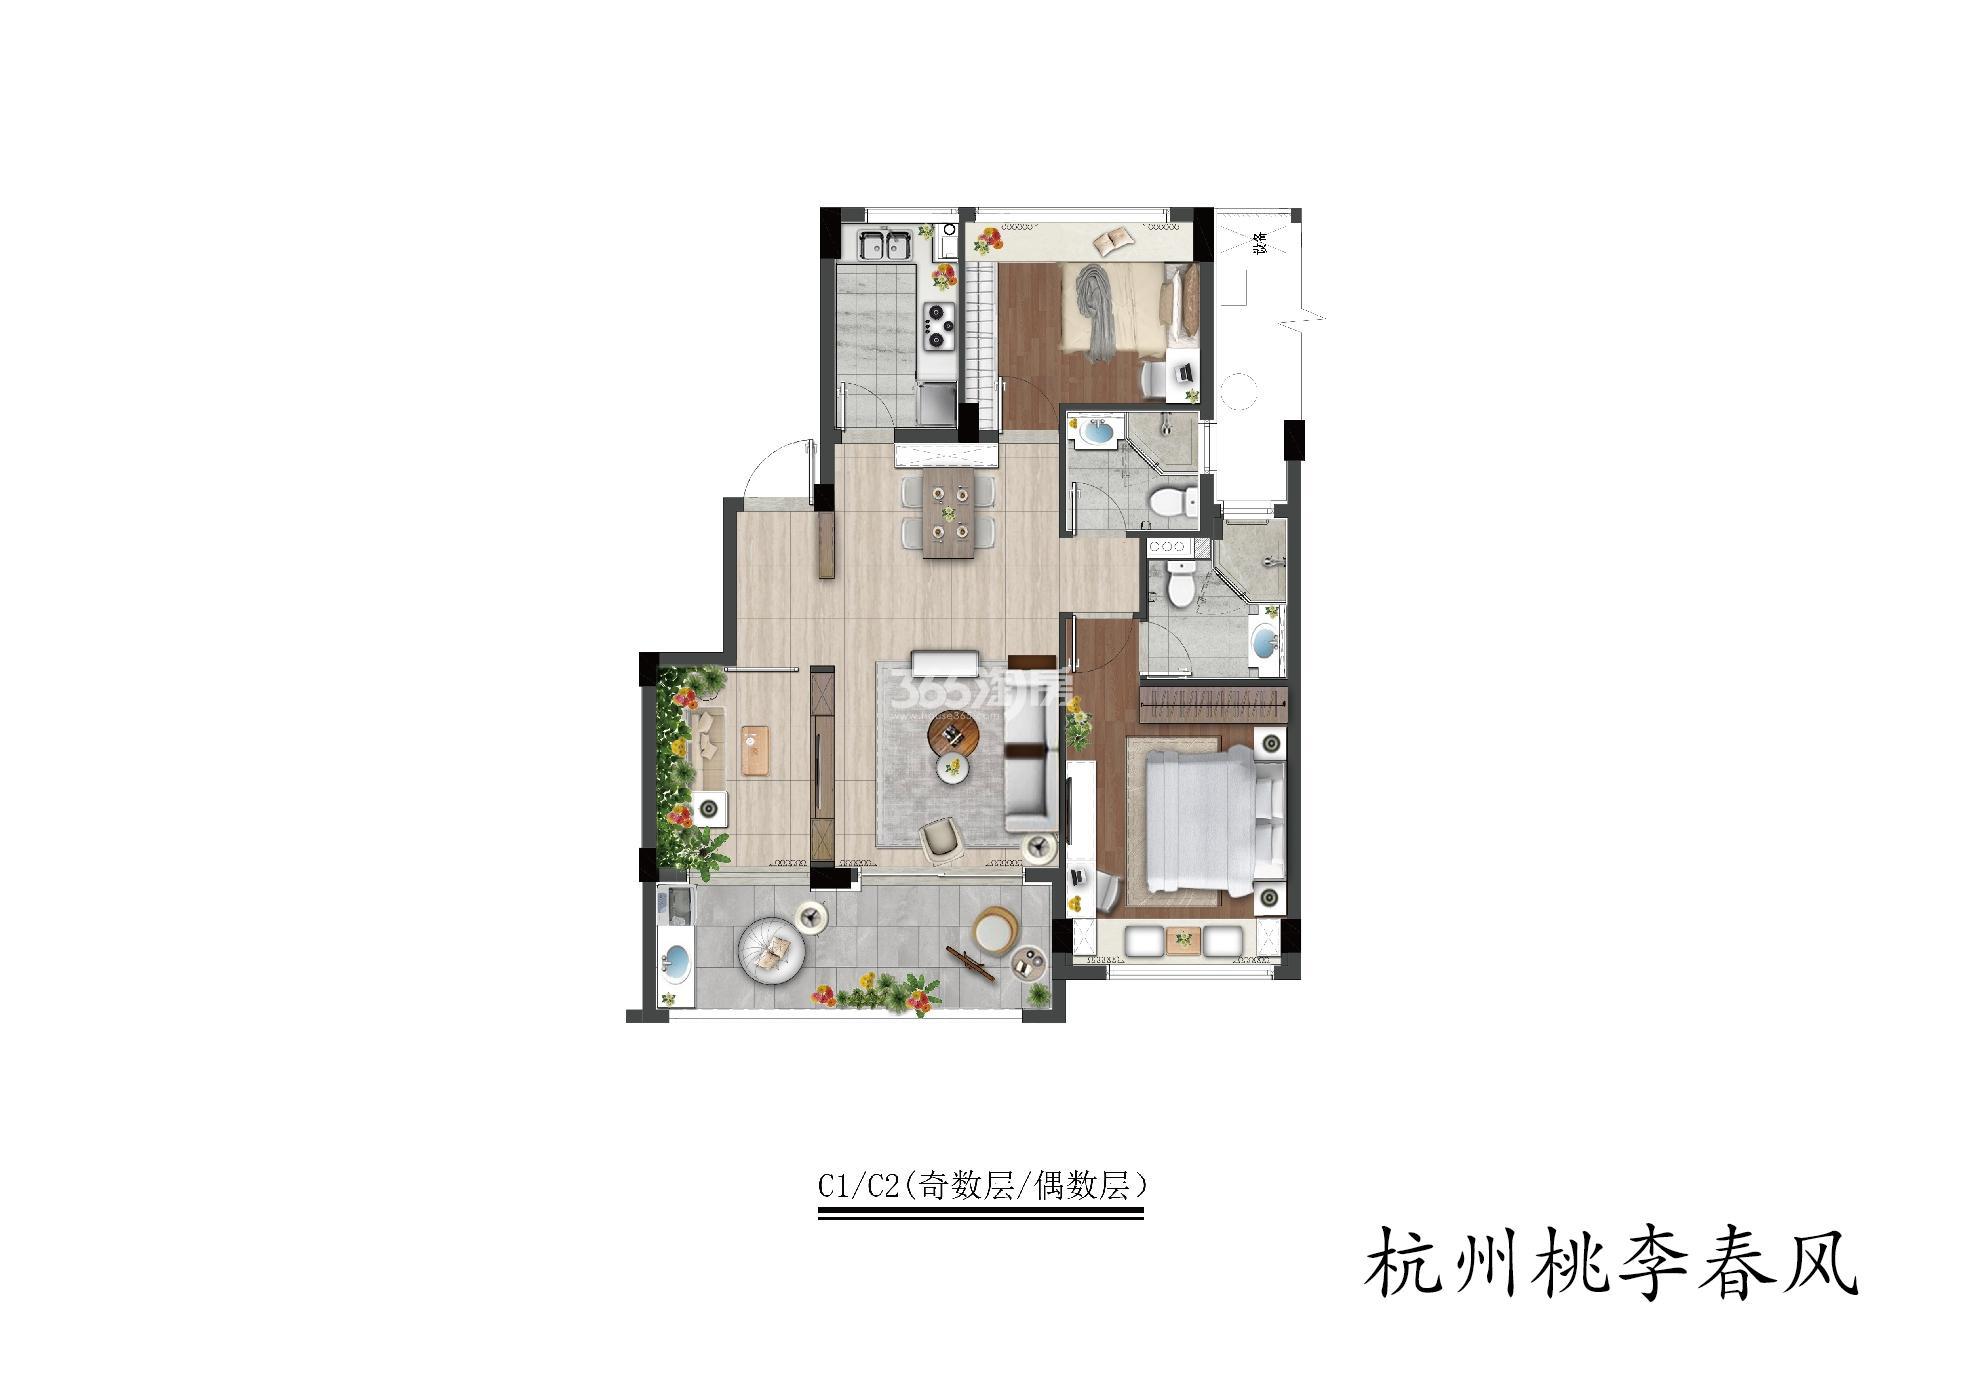 桃李春风C1/C2(奇数层/偶数层)洋房